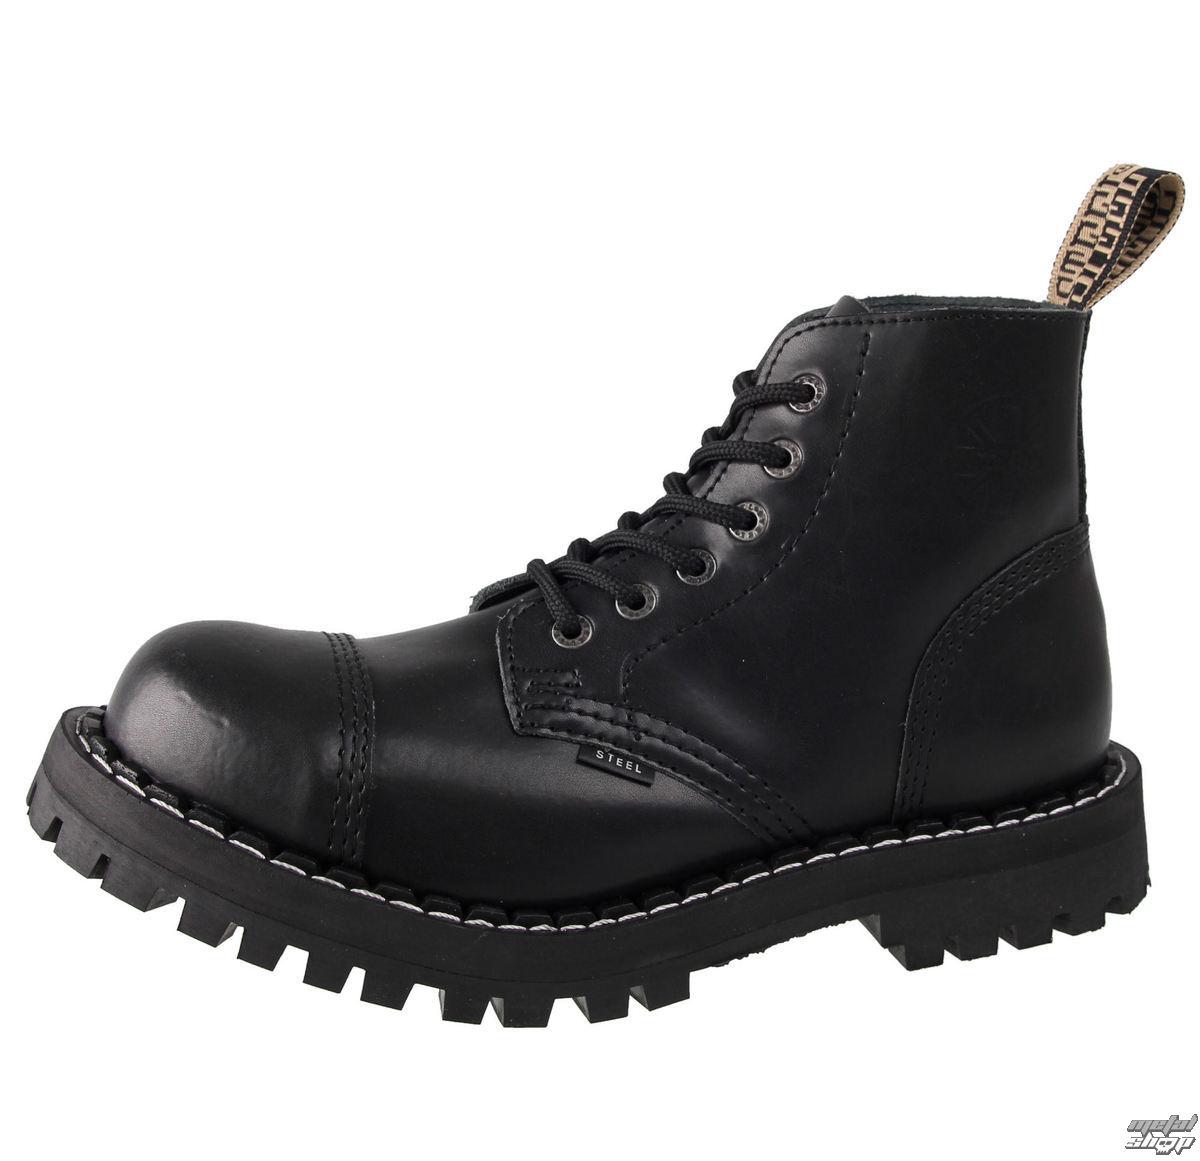 topánky STEEL - 6 - DIERKOVÉ -127 56c397201d0